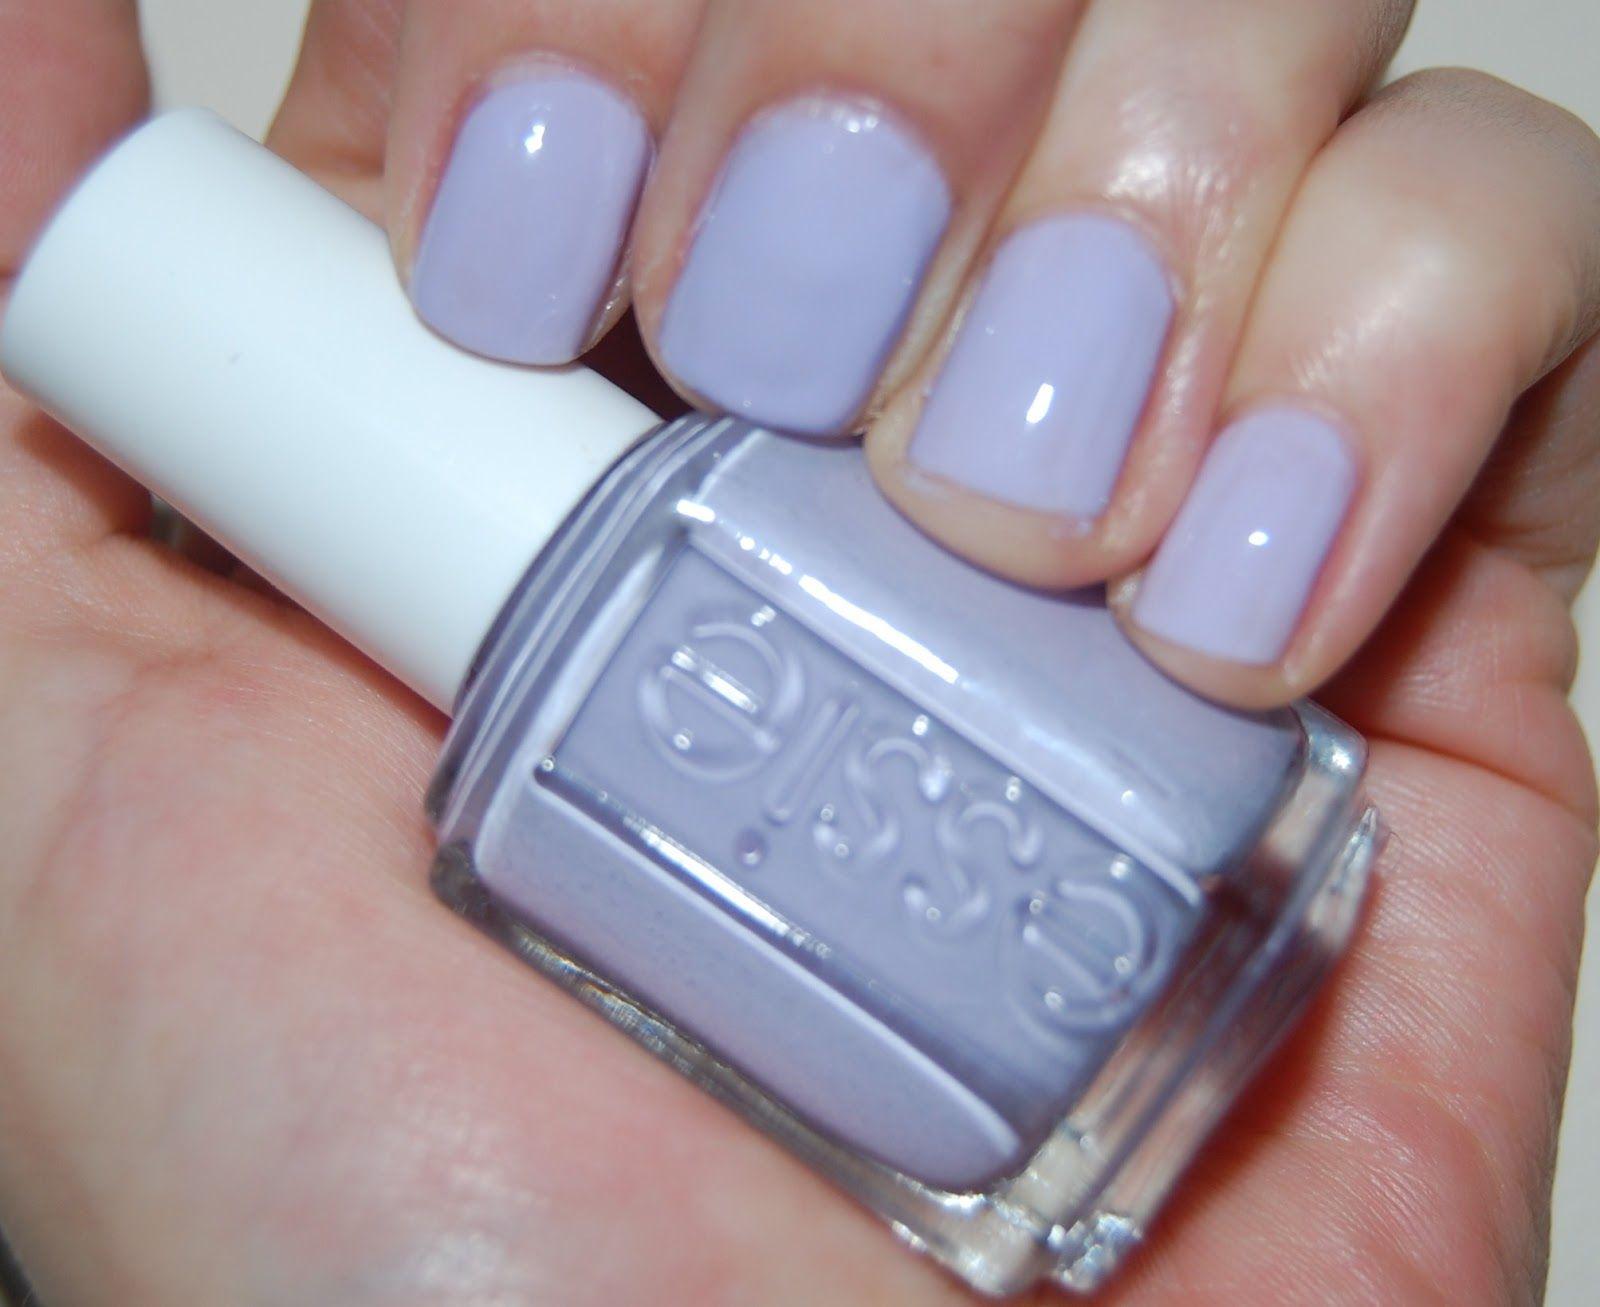 Essie+Lilacism+Swatch.JPG | ESSIE nail polish | Pinterest | Essie ...